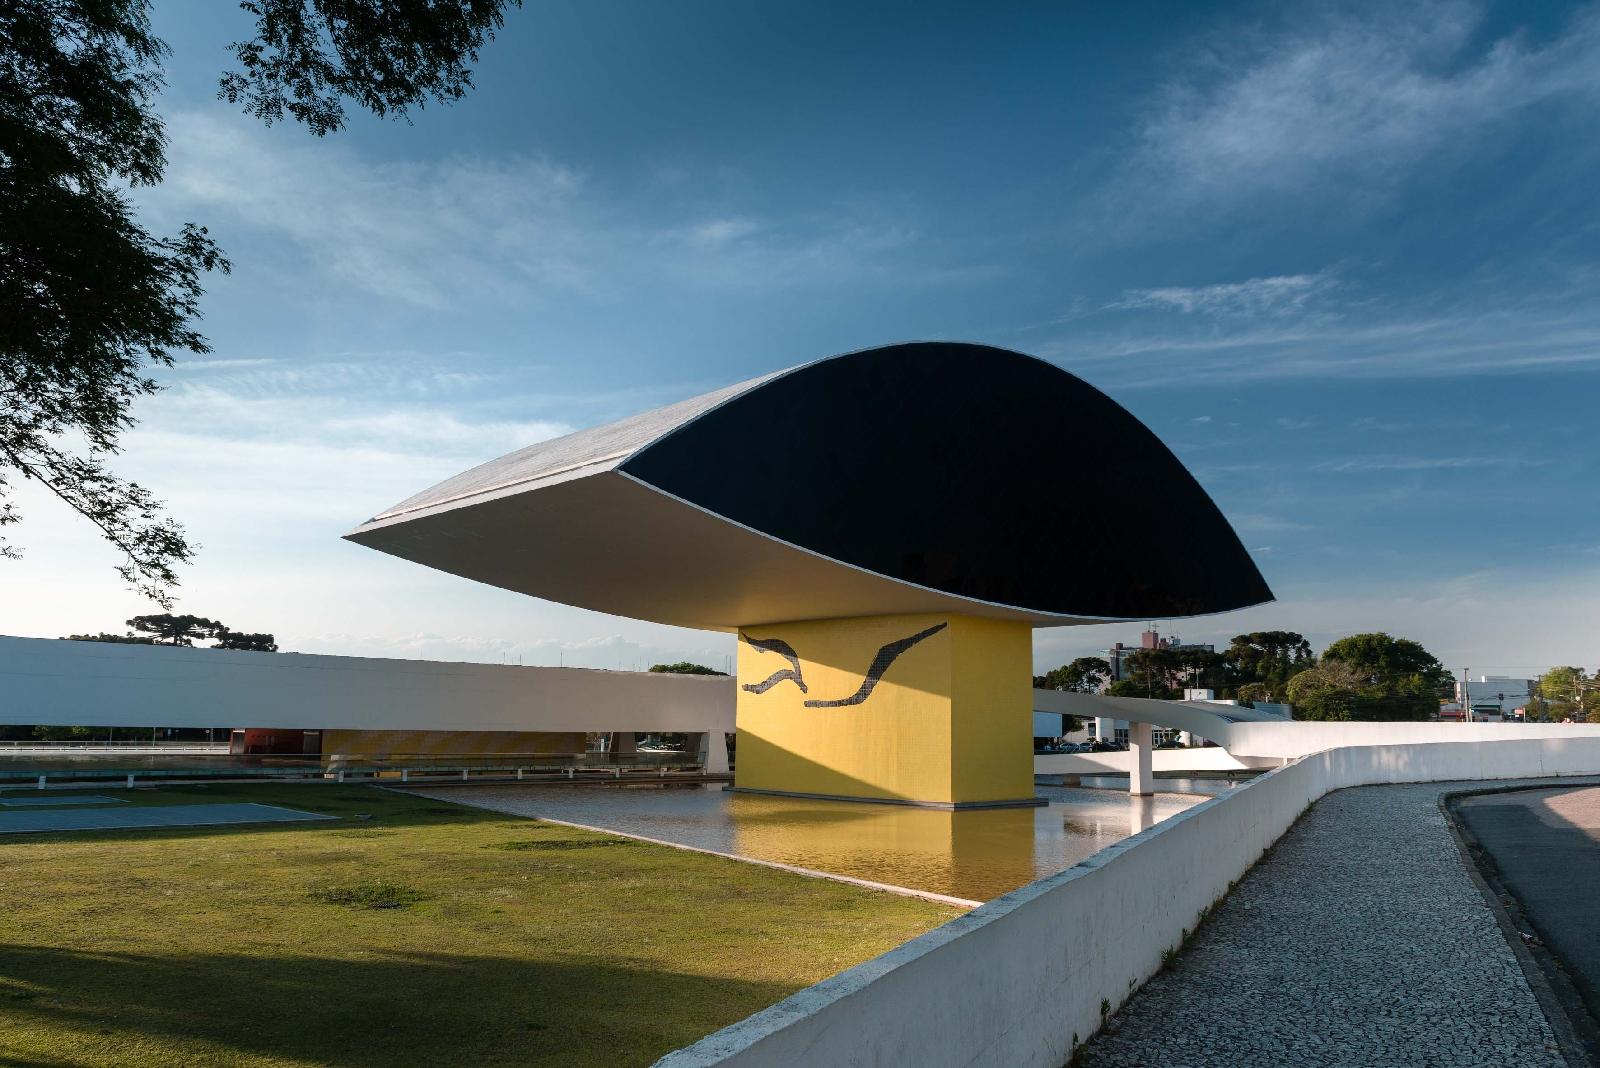 Museu Oscar Niemeyer reabre ao público com atrações inéditas